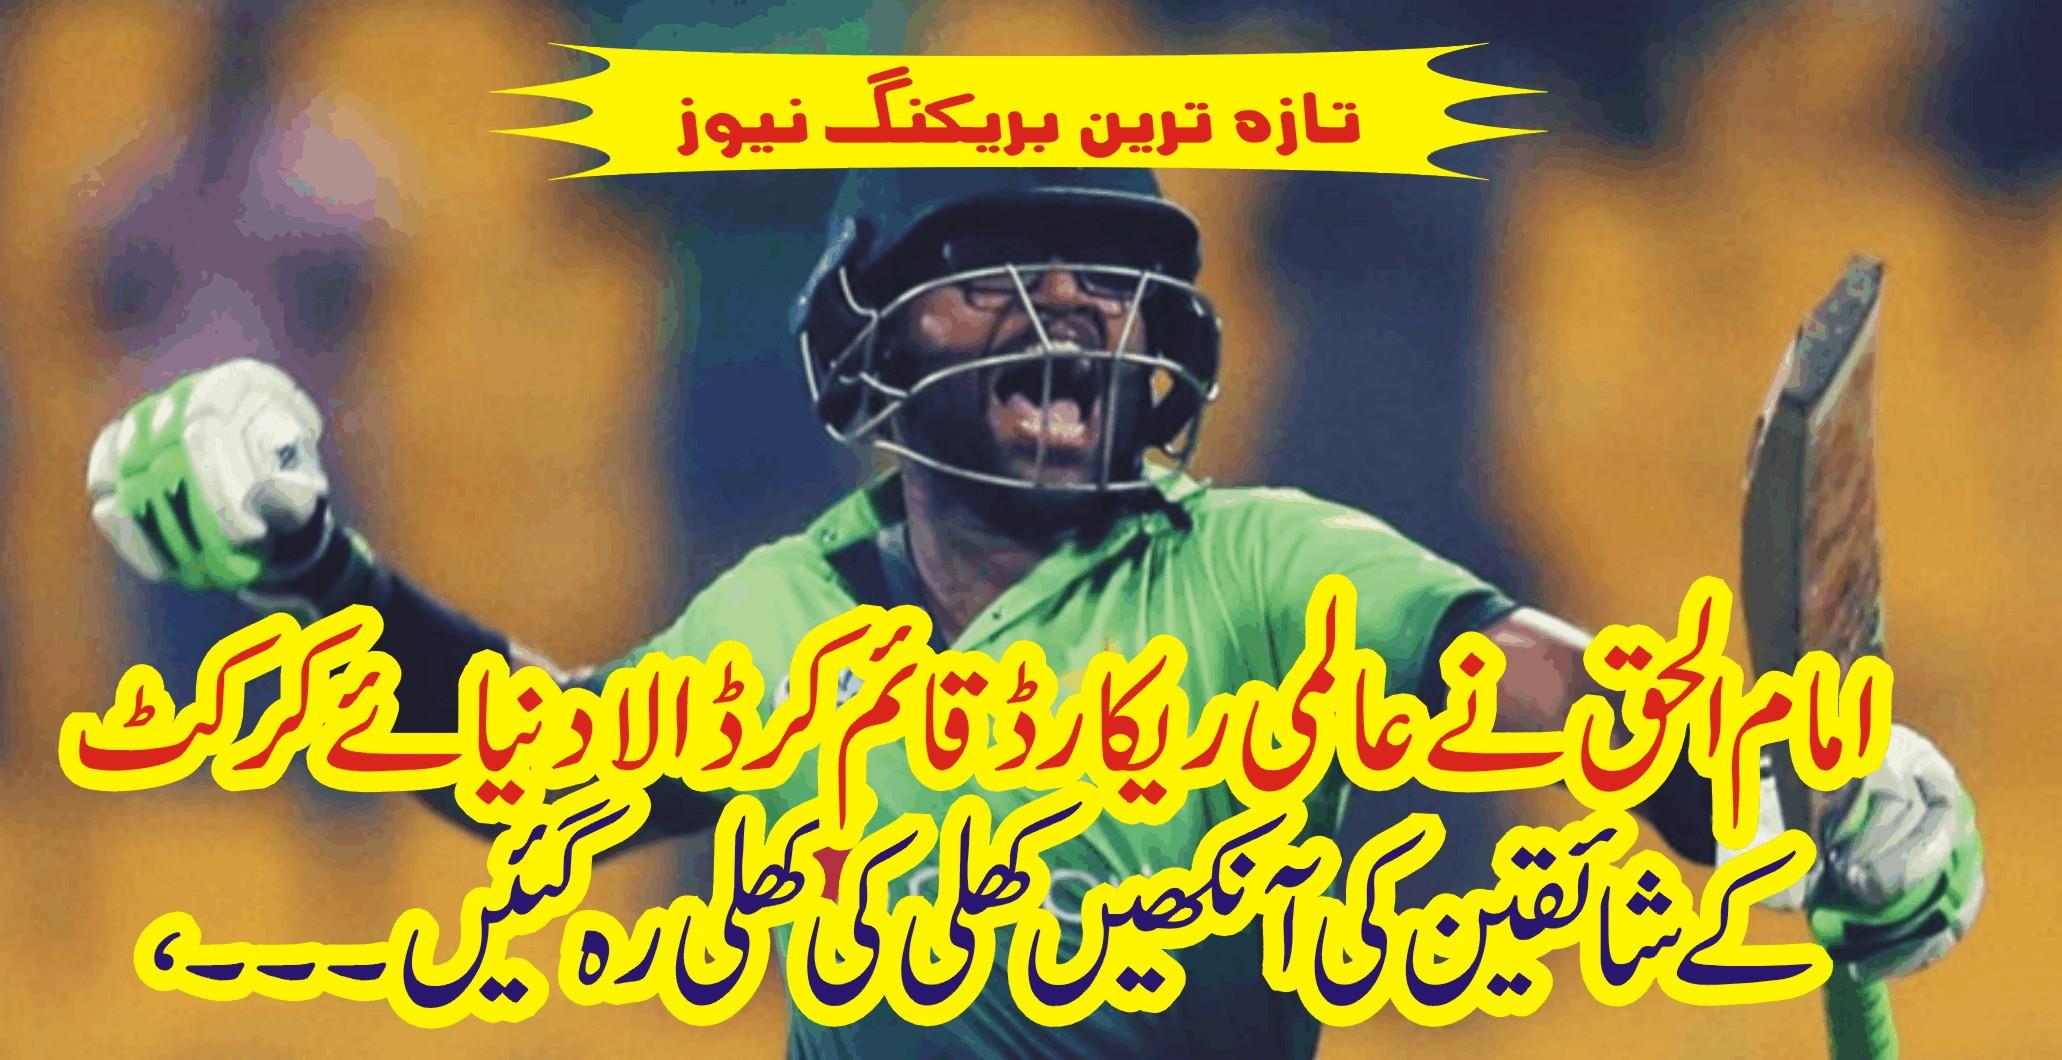 پاکستانی اوپنر بیٹسمین امام الحق نے عالمی ریکارڈ قائم کر ڈالادنیائے کرکٹ کے شائقین کی آنکھیں کھلی کی کھلی رہ گئیں ۔۔۔